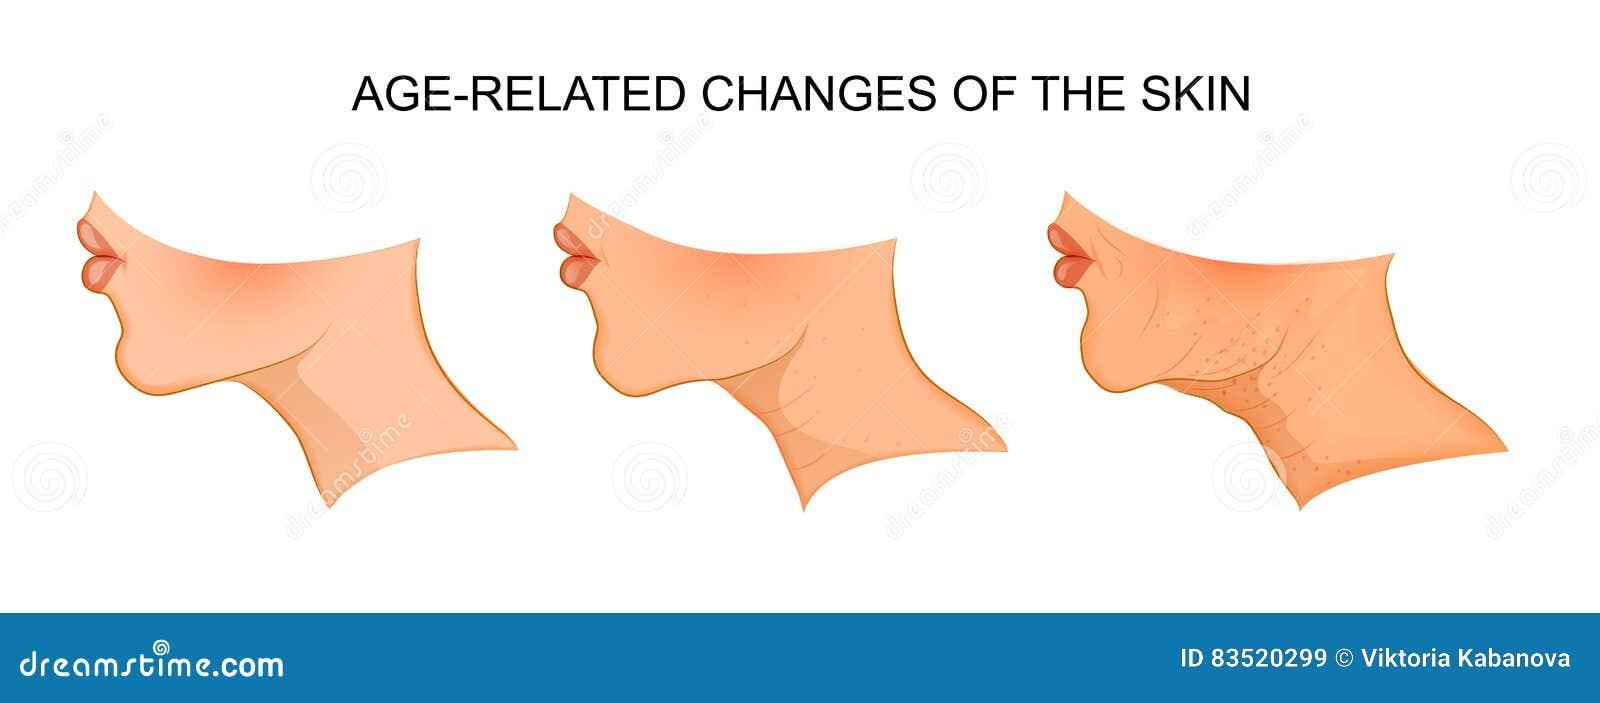 Illustratie van van de leeftijd afhankelijke huidveranderingen aging